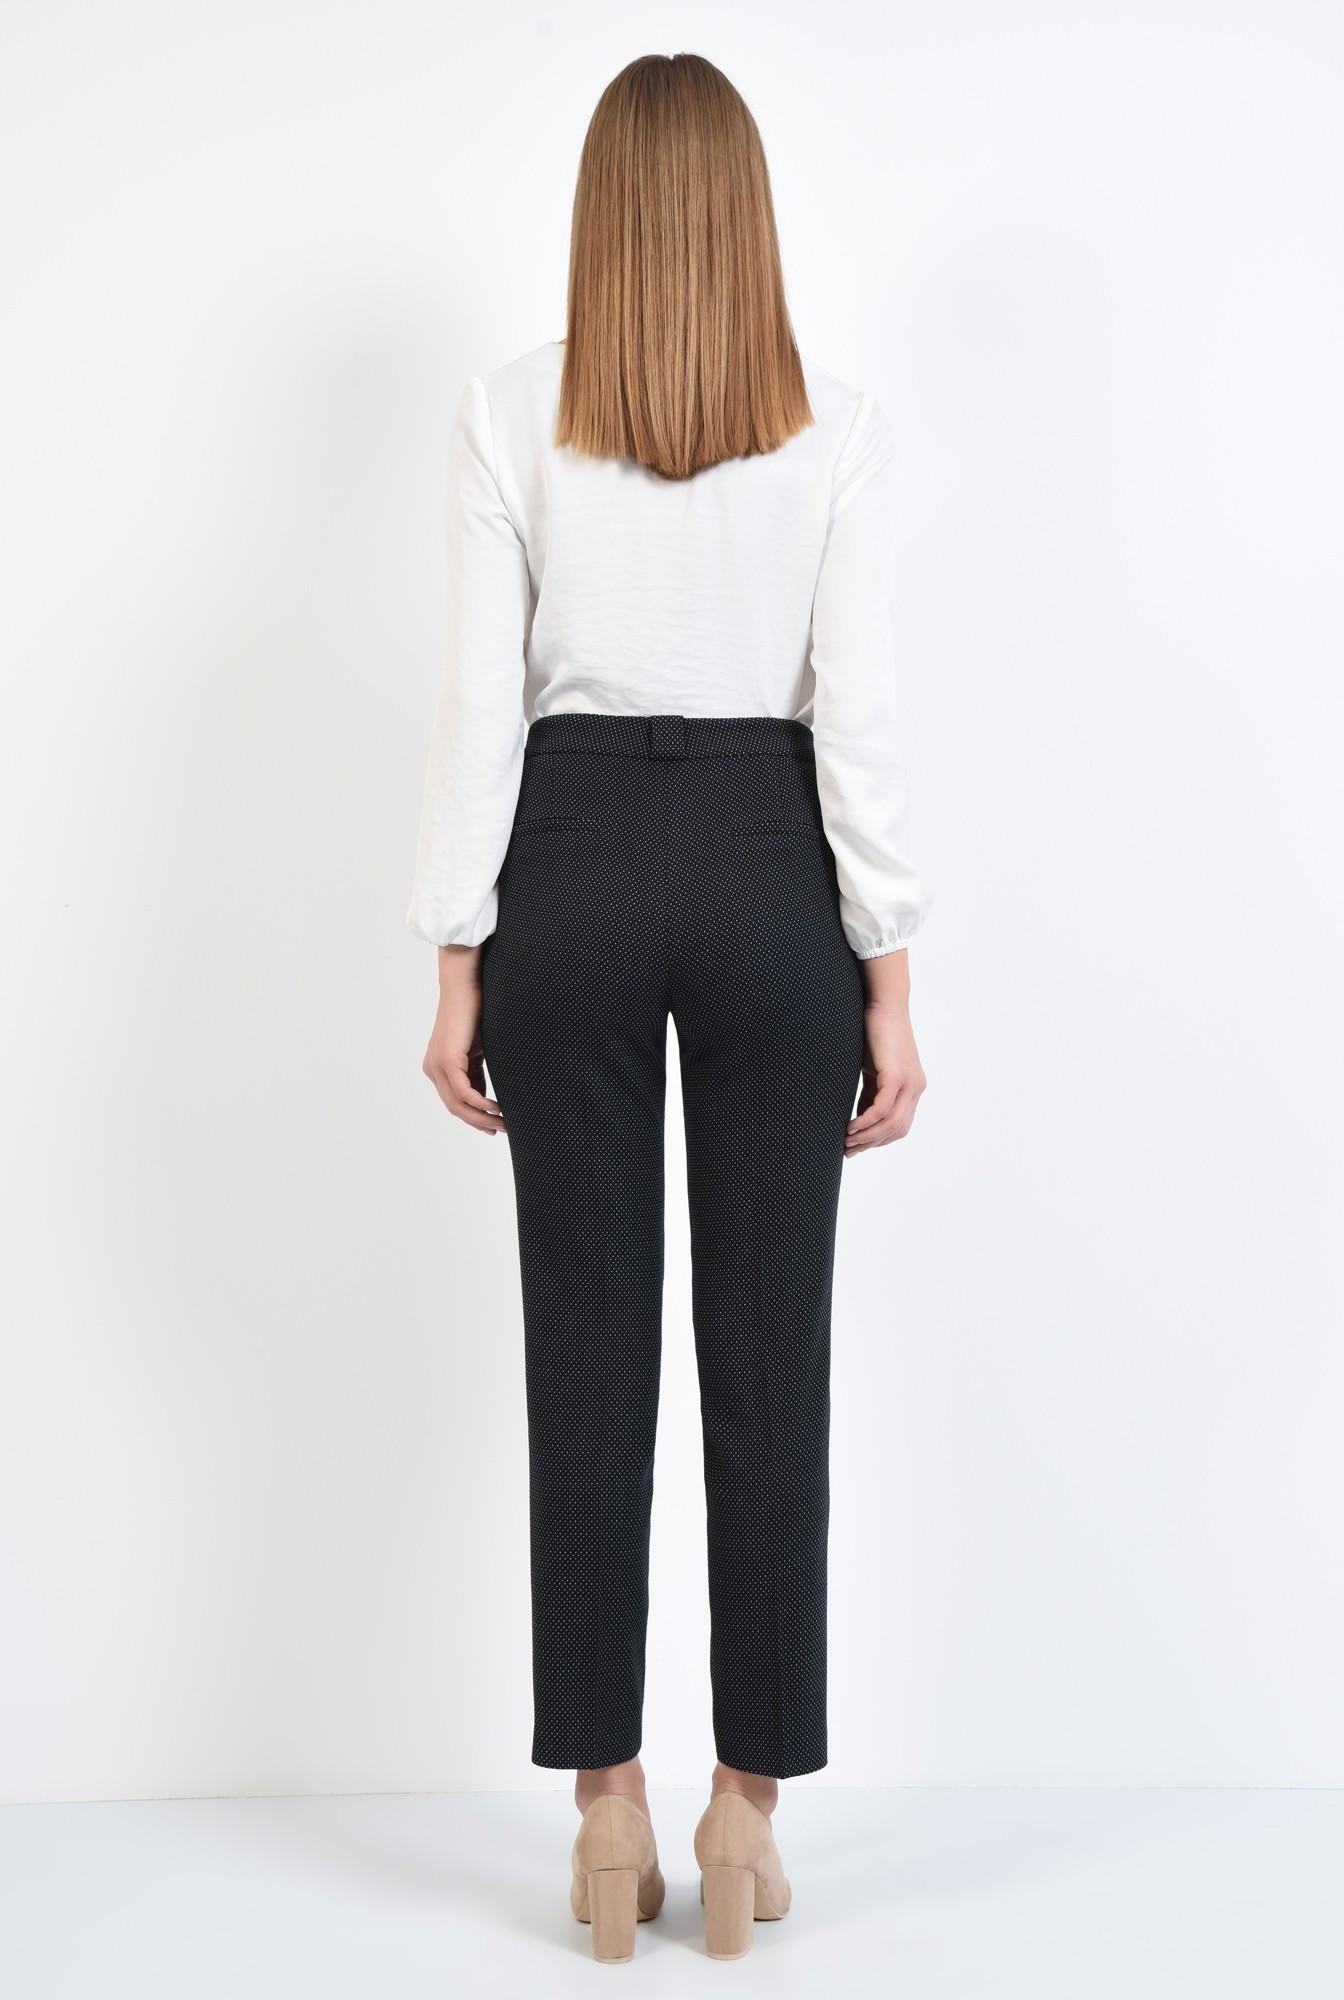 2 - pantaloni de zi, cu buline mici, picouri albe, pantaloni negri